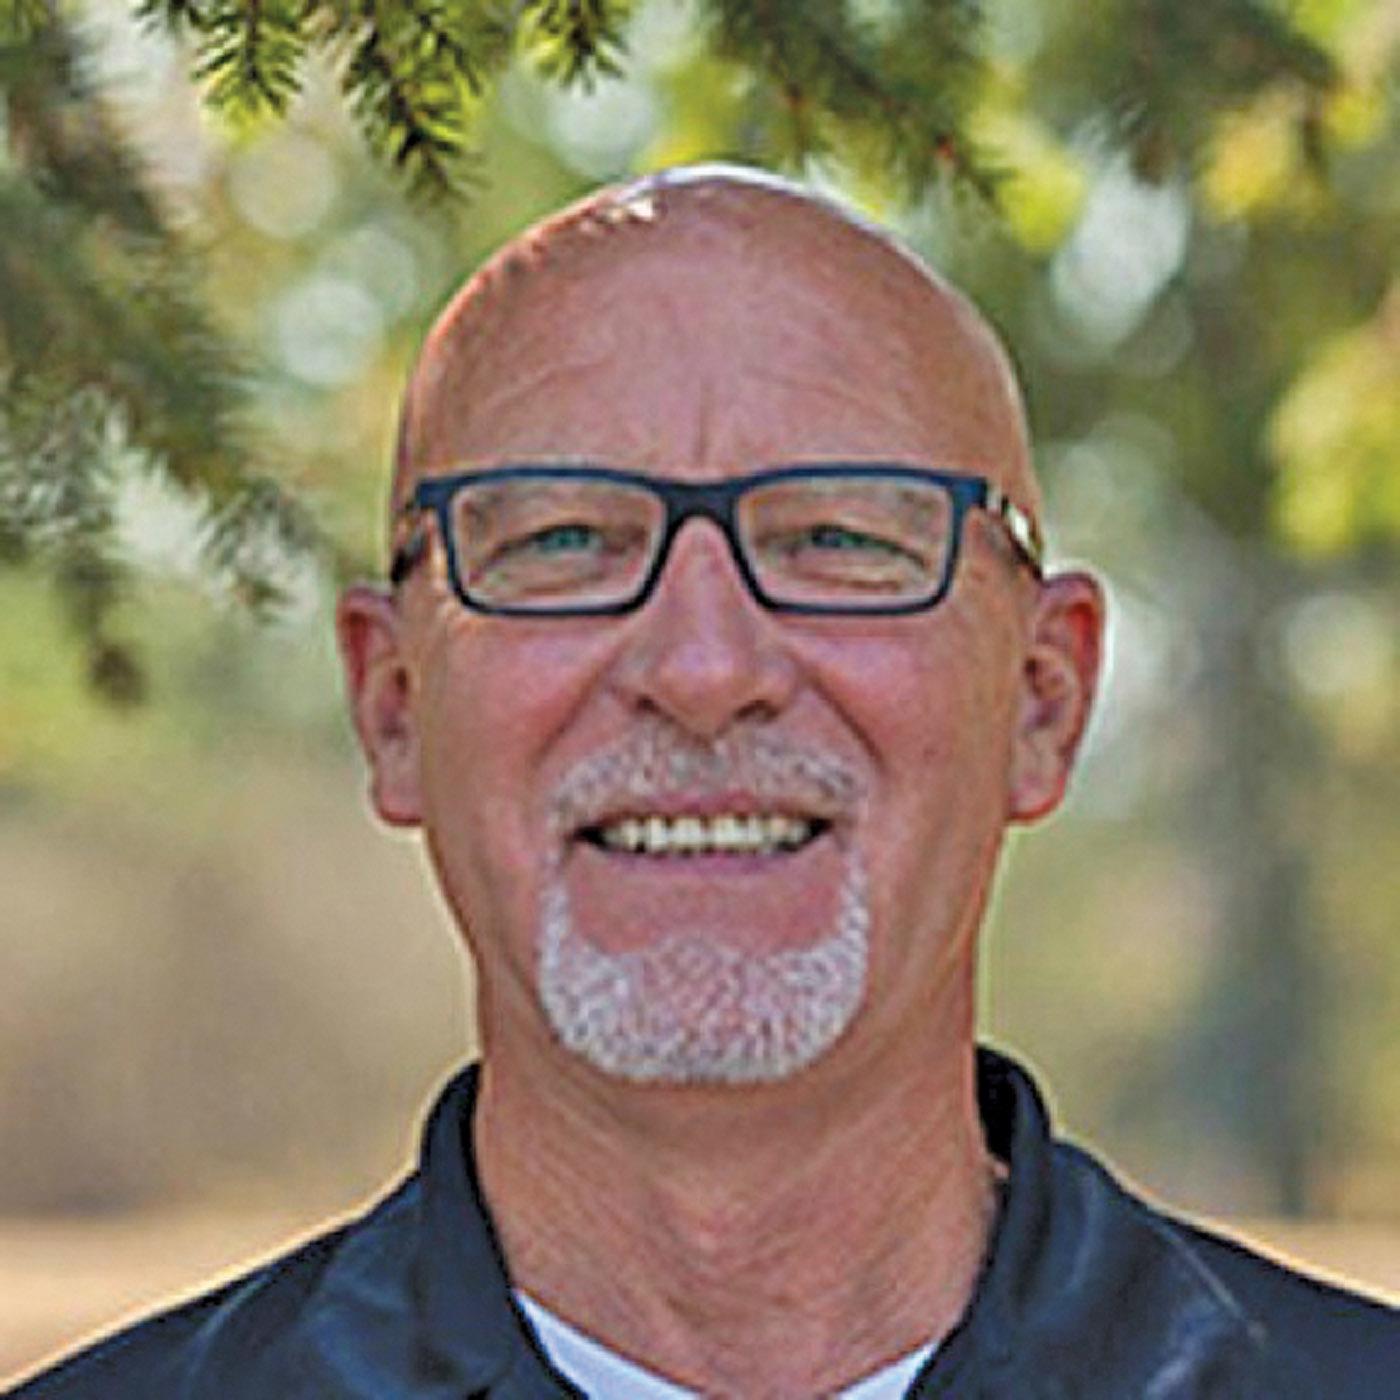 Mike Schaum